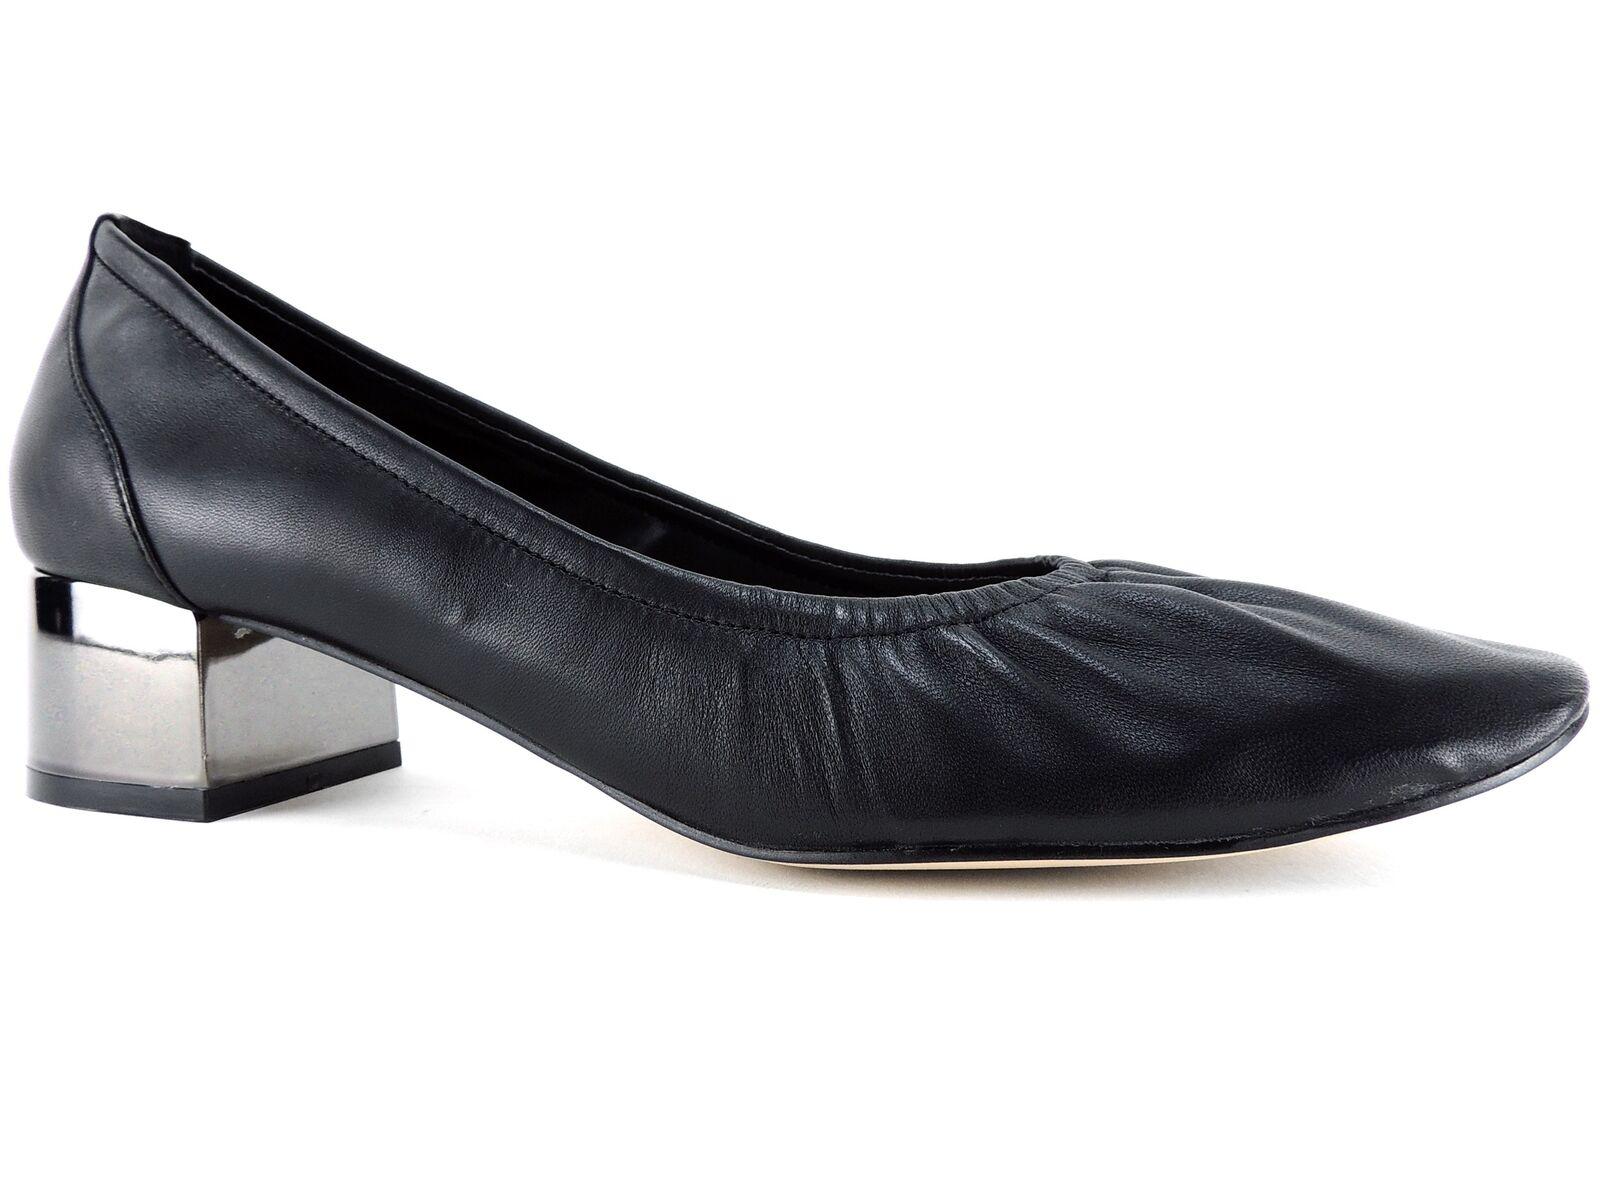 Aldo Mujer Kerari Salón Tacón Tacón Tacón de bloque negro cuero tamaño 8 B  ventas calientes